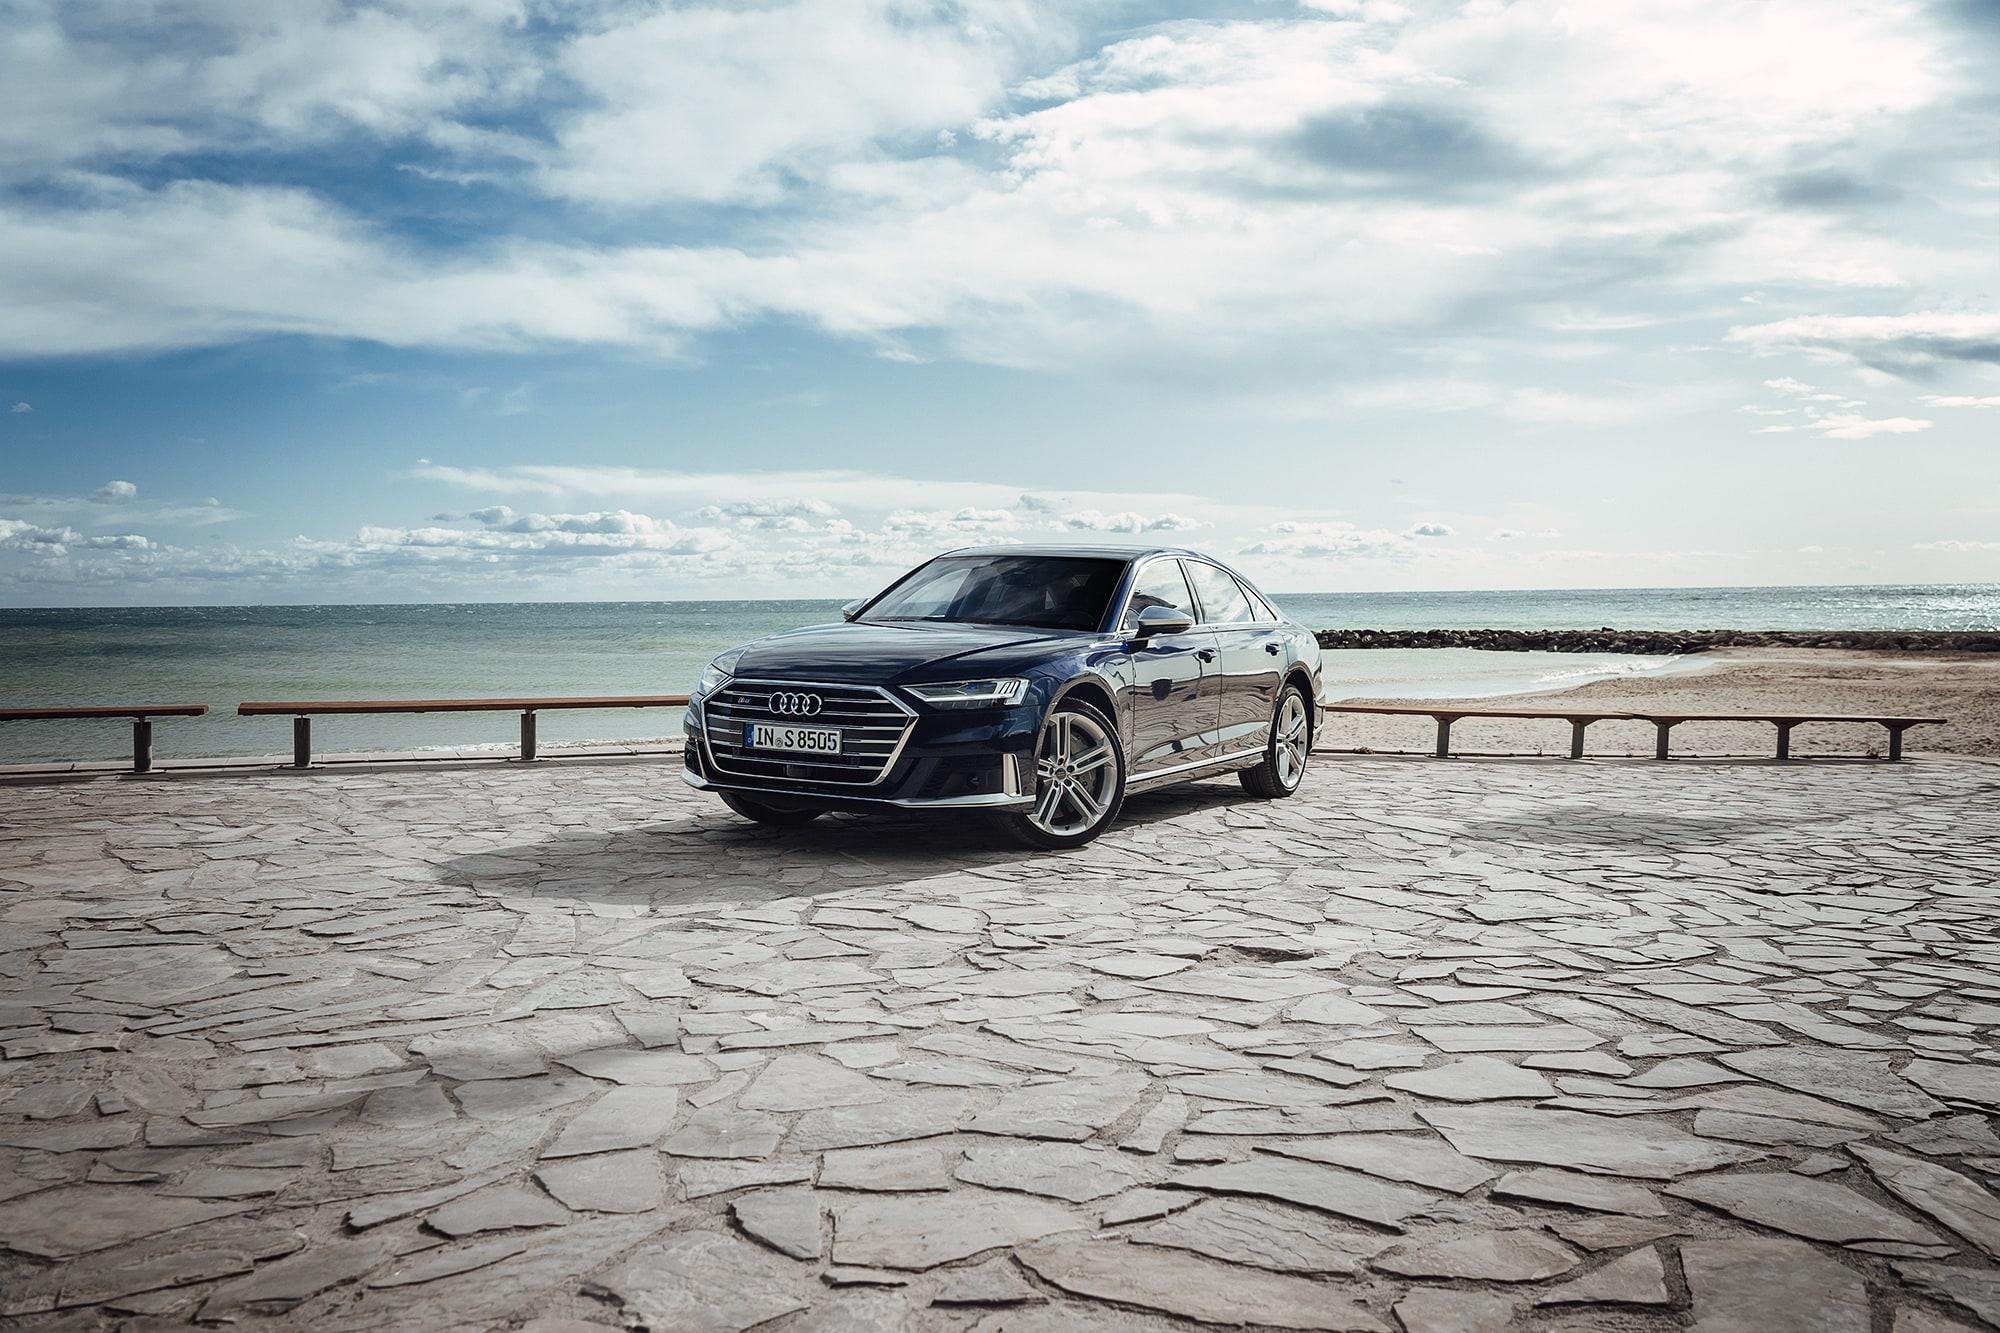 Der neue Audi S8: Komfort und Leistung auf die Spitze getrieben 17